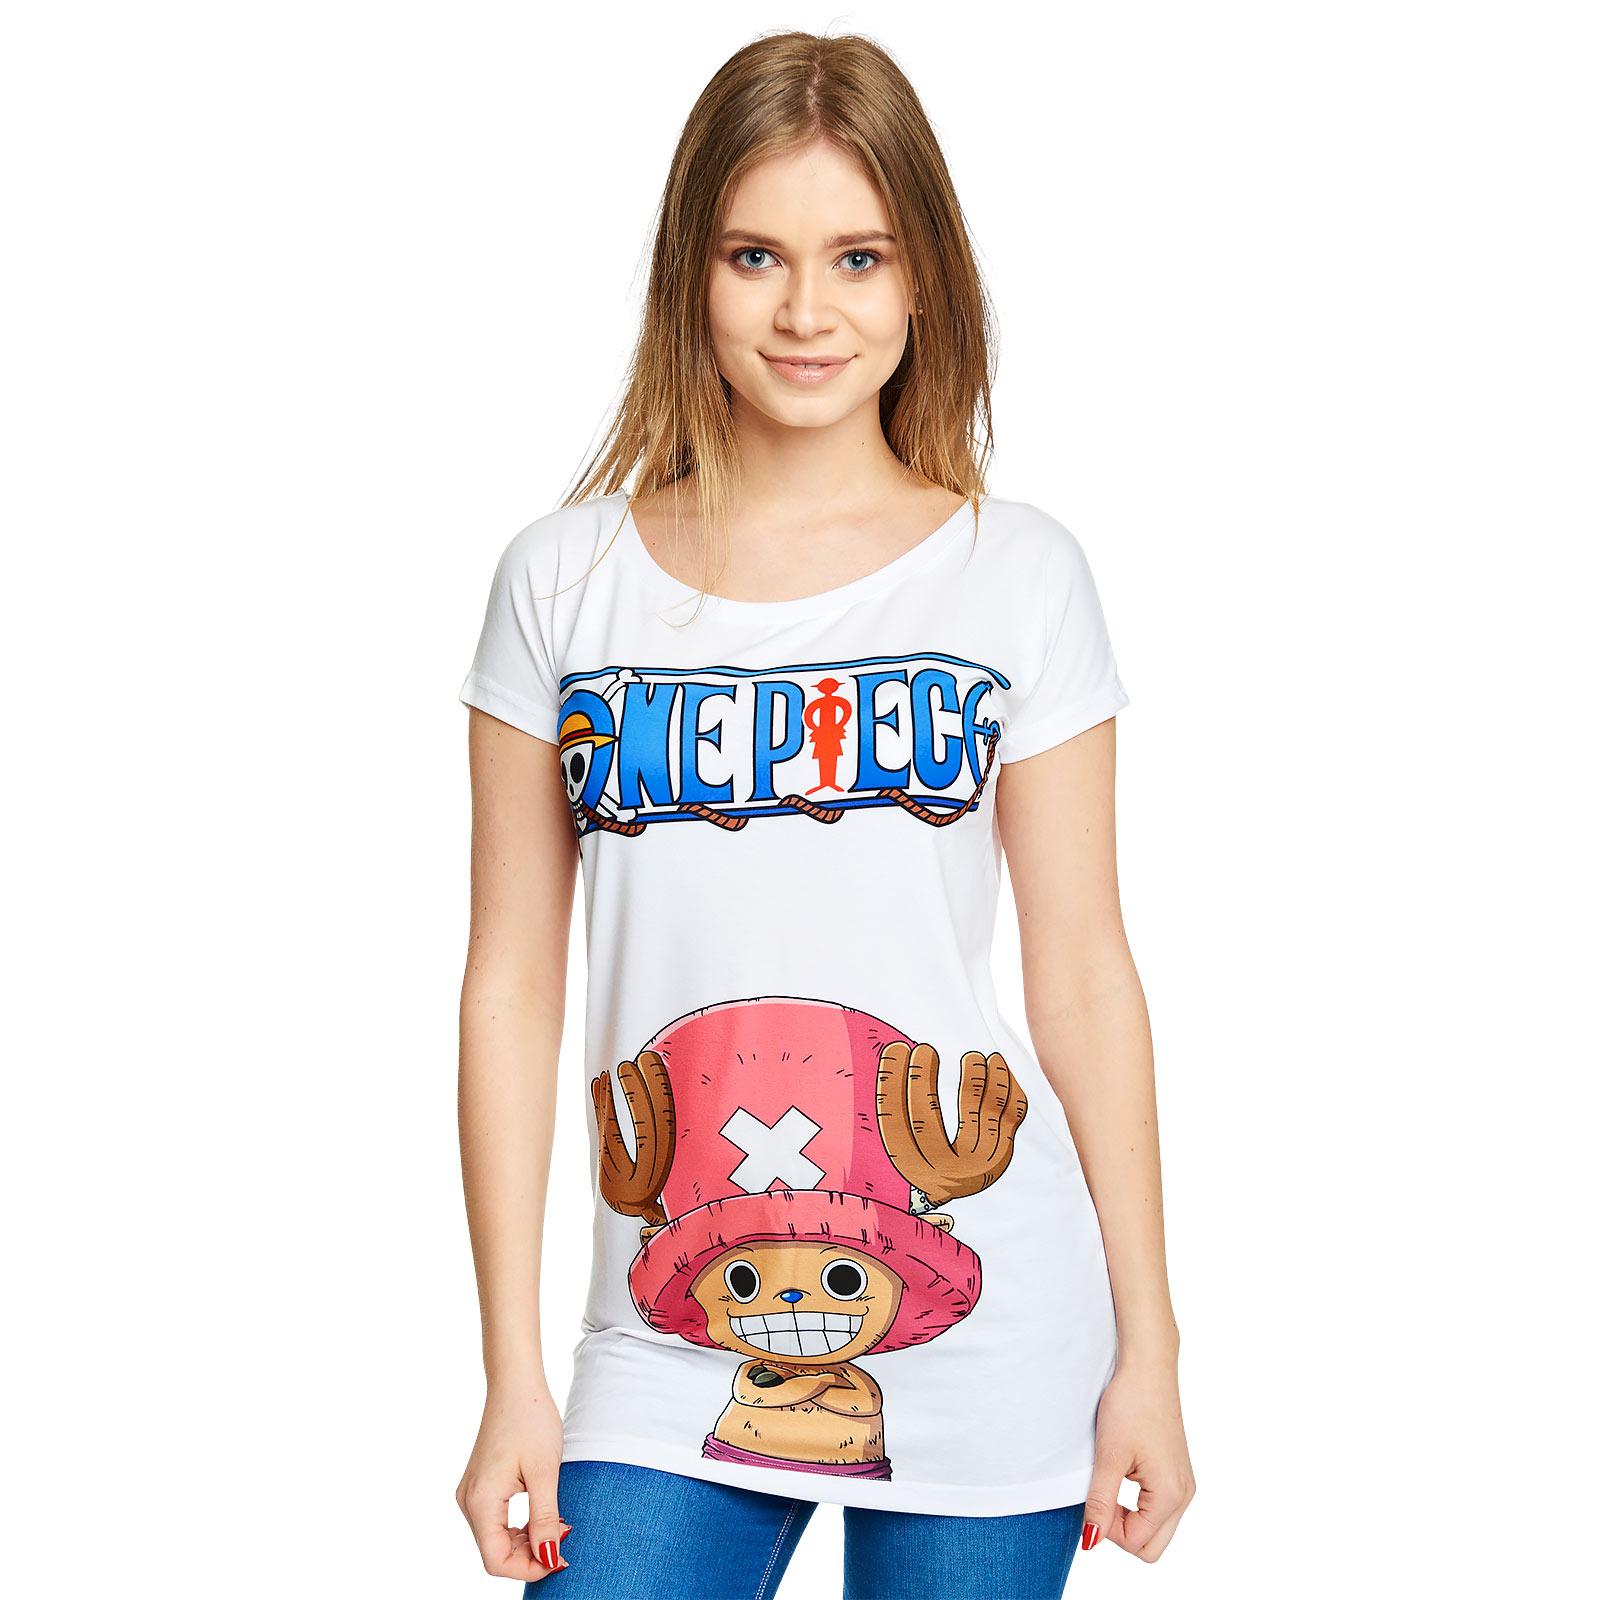 One Piece - Chopper T-Shirt Damen Loose Fit weiß